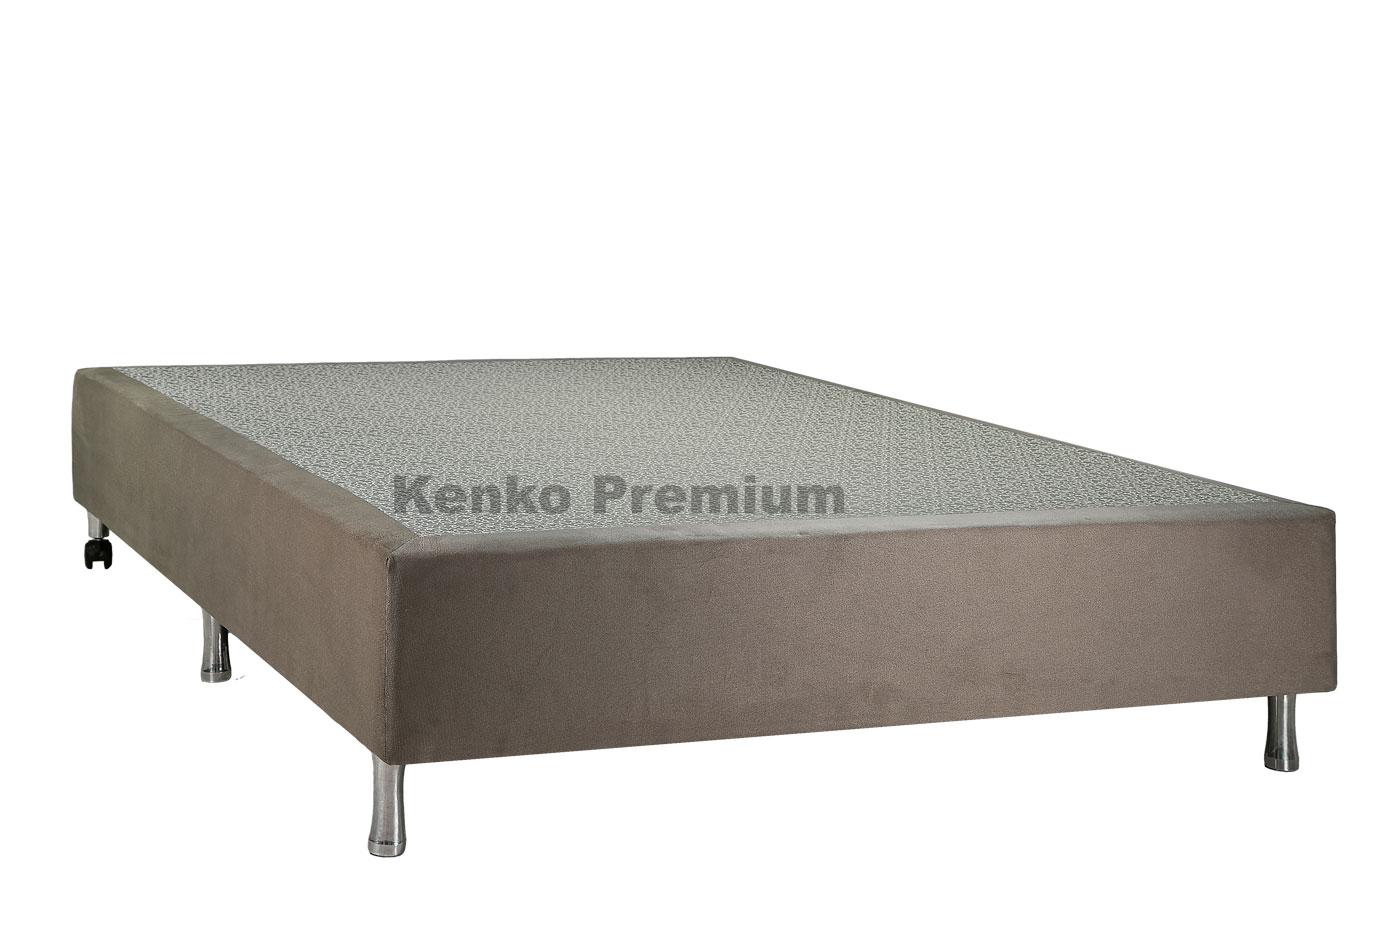 Box Base Para Colchão Iluminado King Size 1,93x2,03 Usb C/kit Conect Suede Kenko Premium   - Kenko Premium Colchões